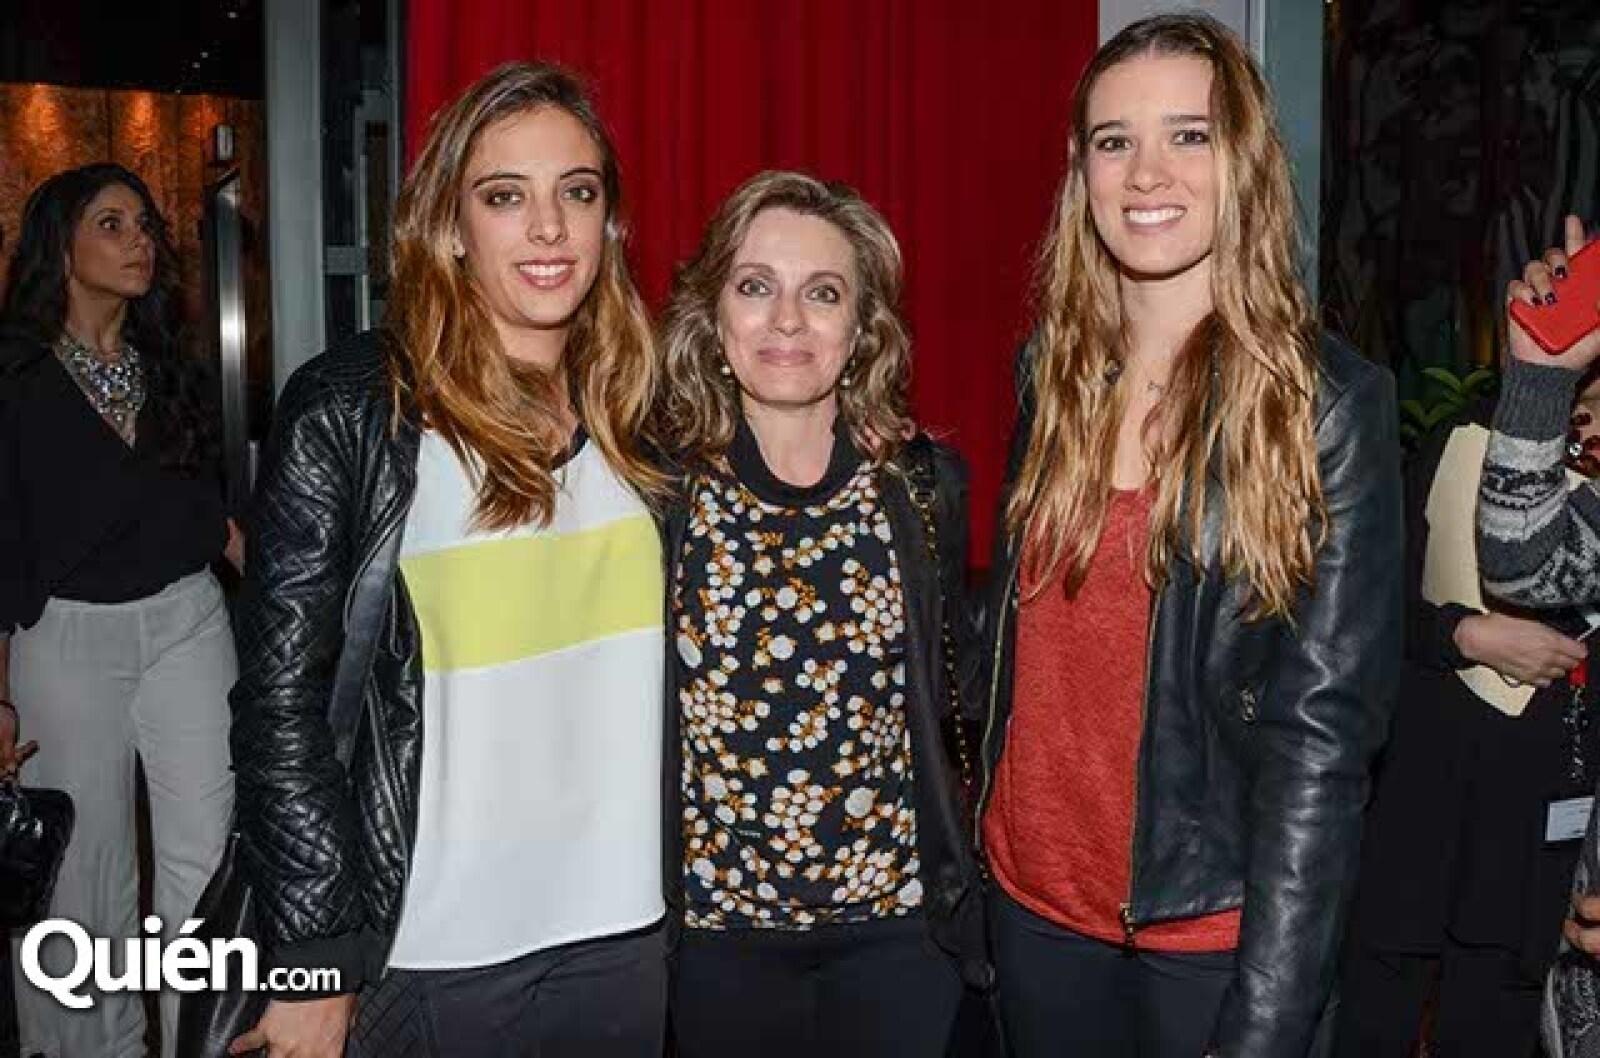 Ana Paula Chico,Lorraine Picard y Lorraine Picard Jr.